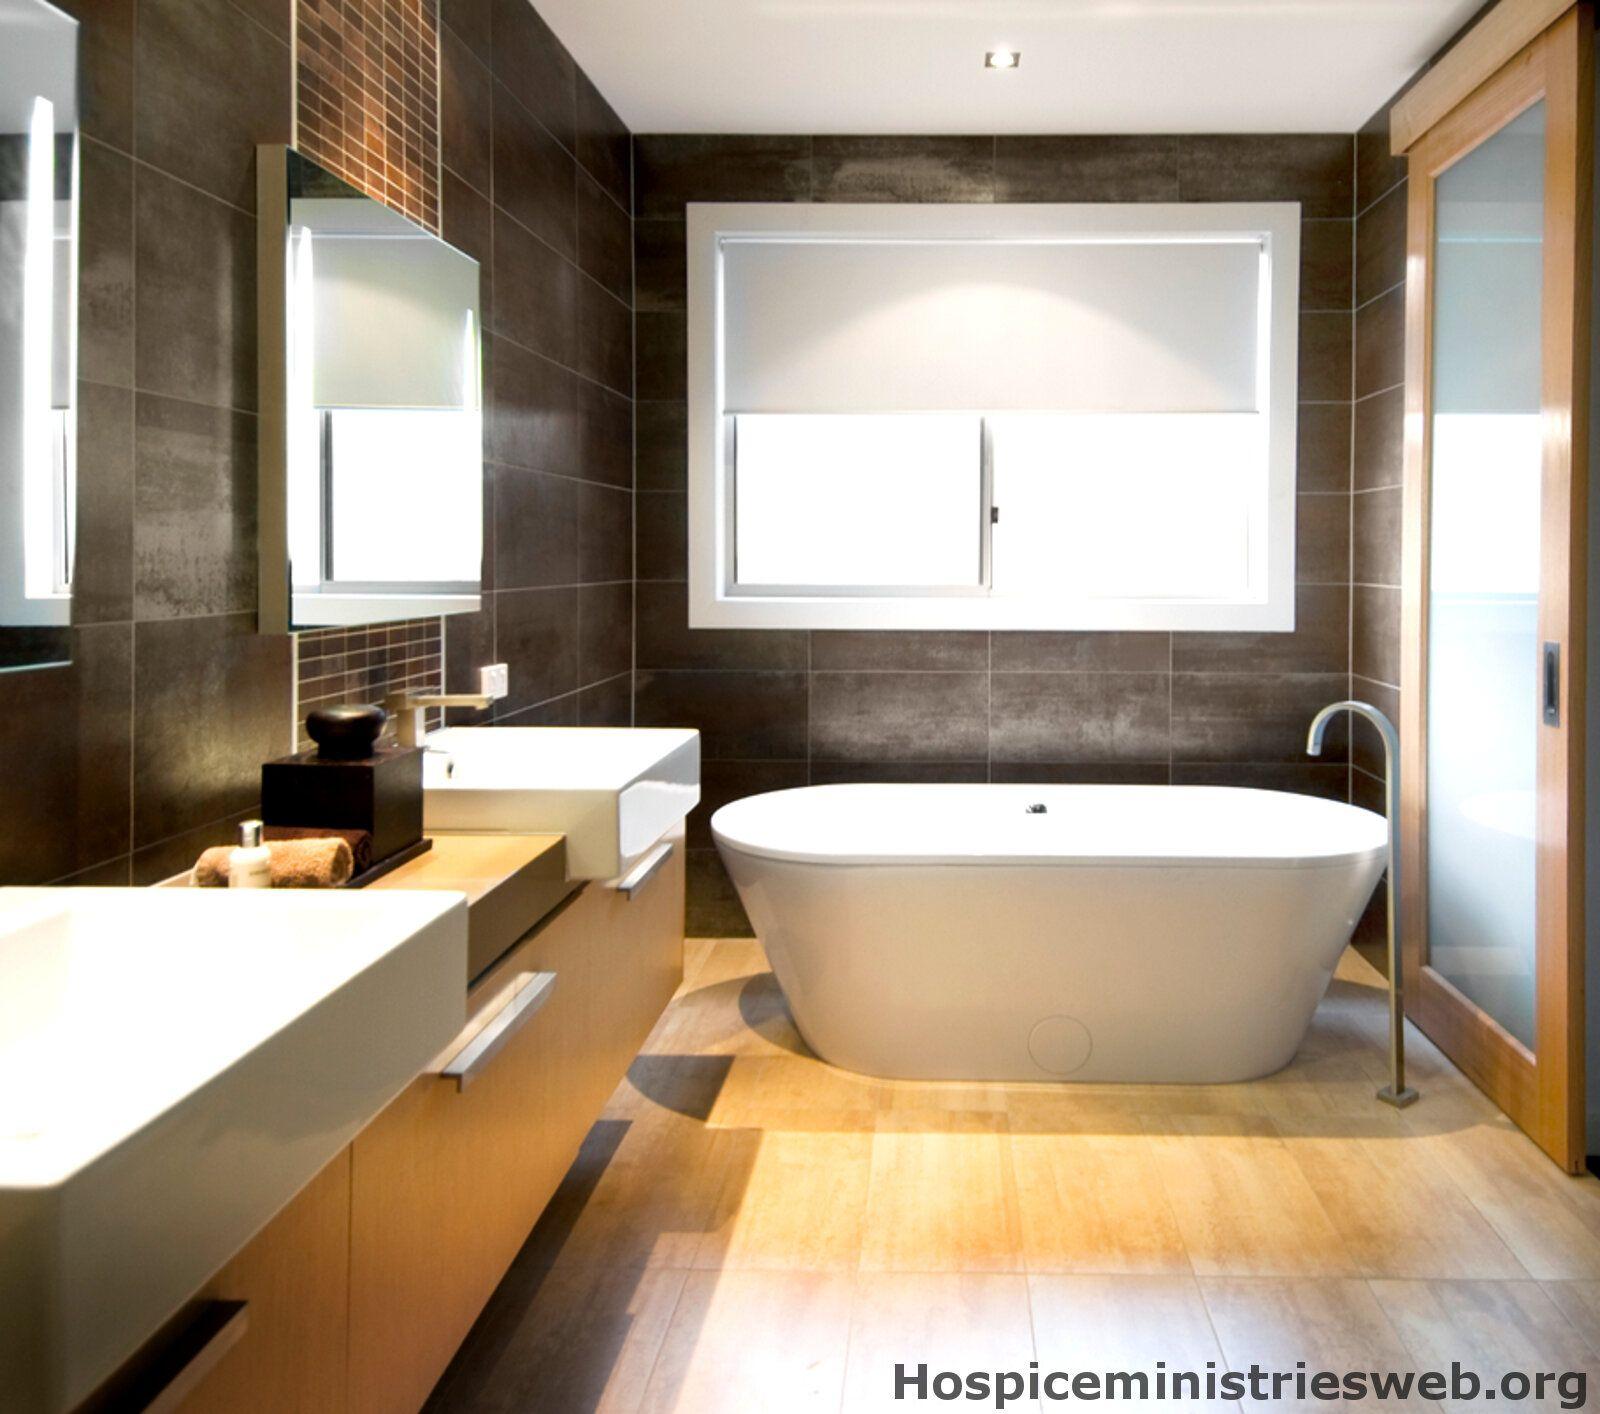 35 Ideen für Badezimmer Braun Beige Wohn Ideen | Bad | Badezimmer ...